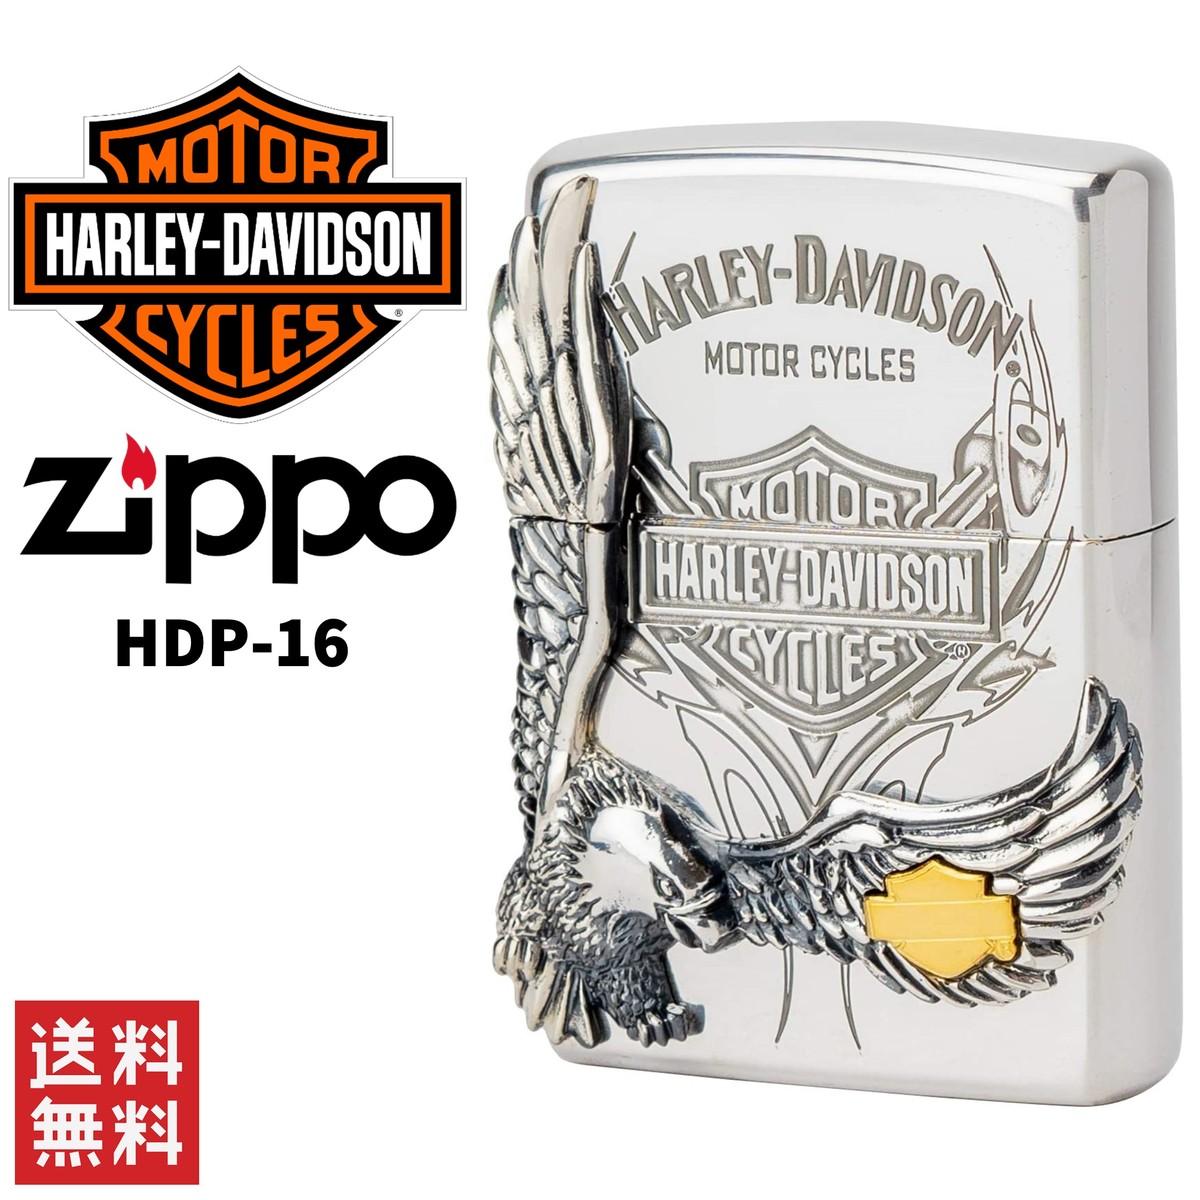 日本限定モデル 送料無料 実物 Harley Davidson ハーレー ダビッドソン 販売実績No.1 ZIPPO 日本限定 ライター シルバー HDP-16 ジッポー 喫煙具